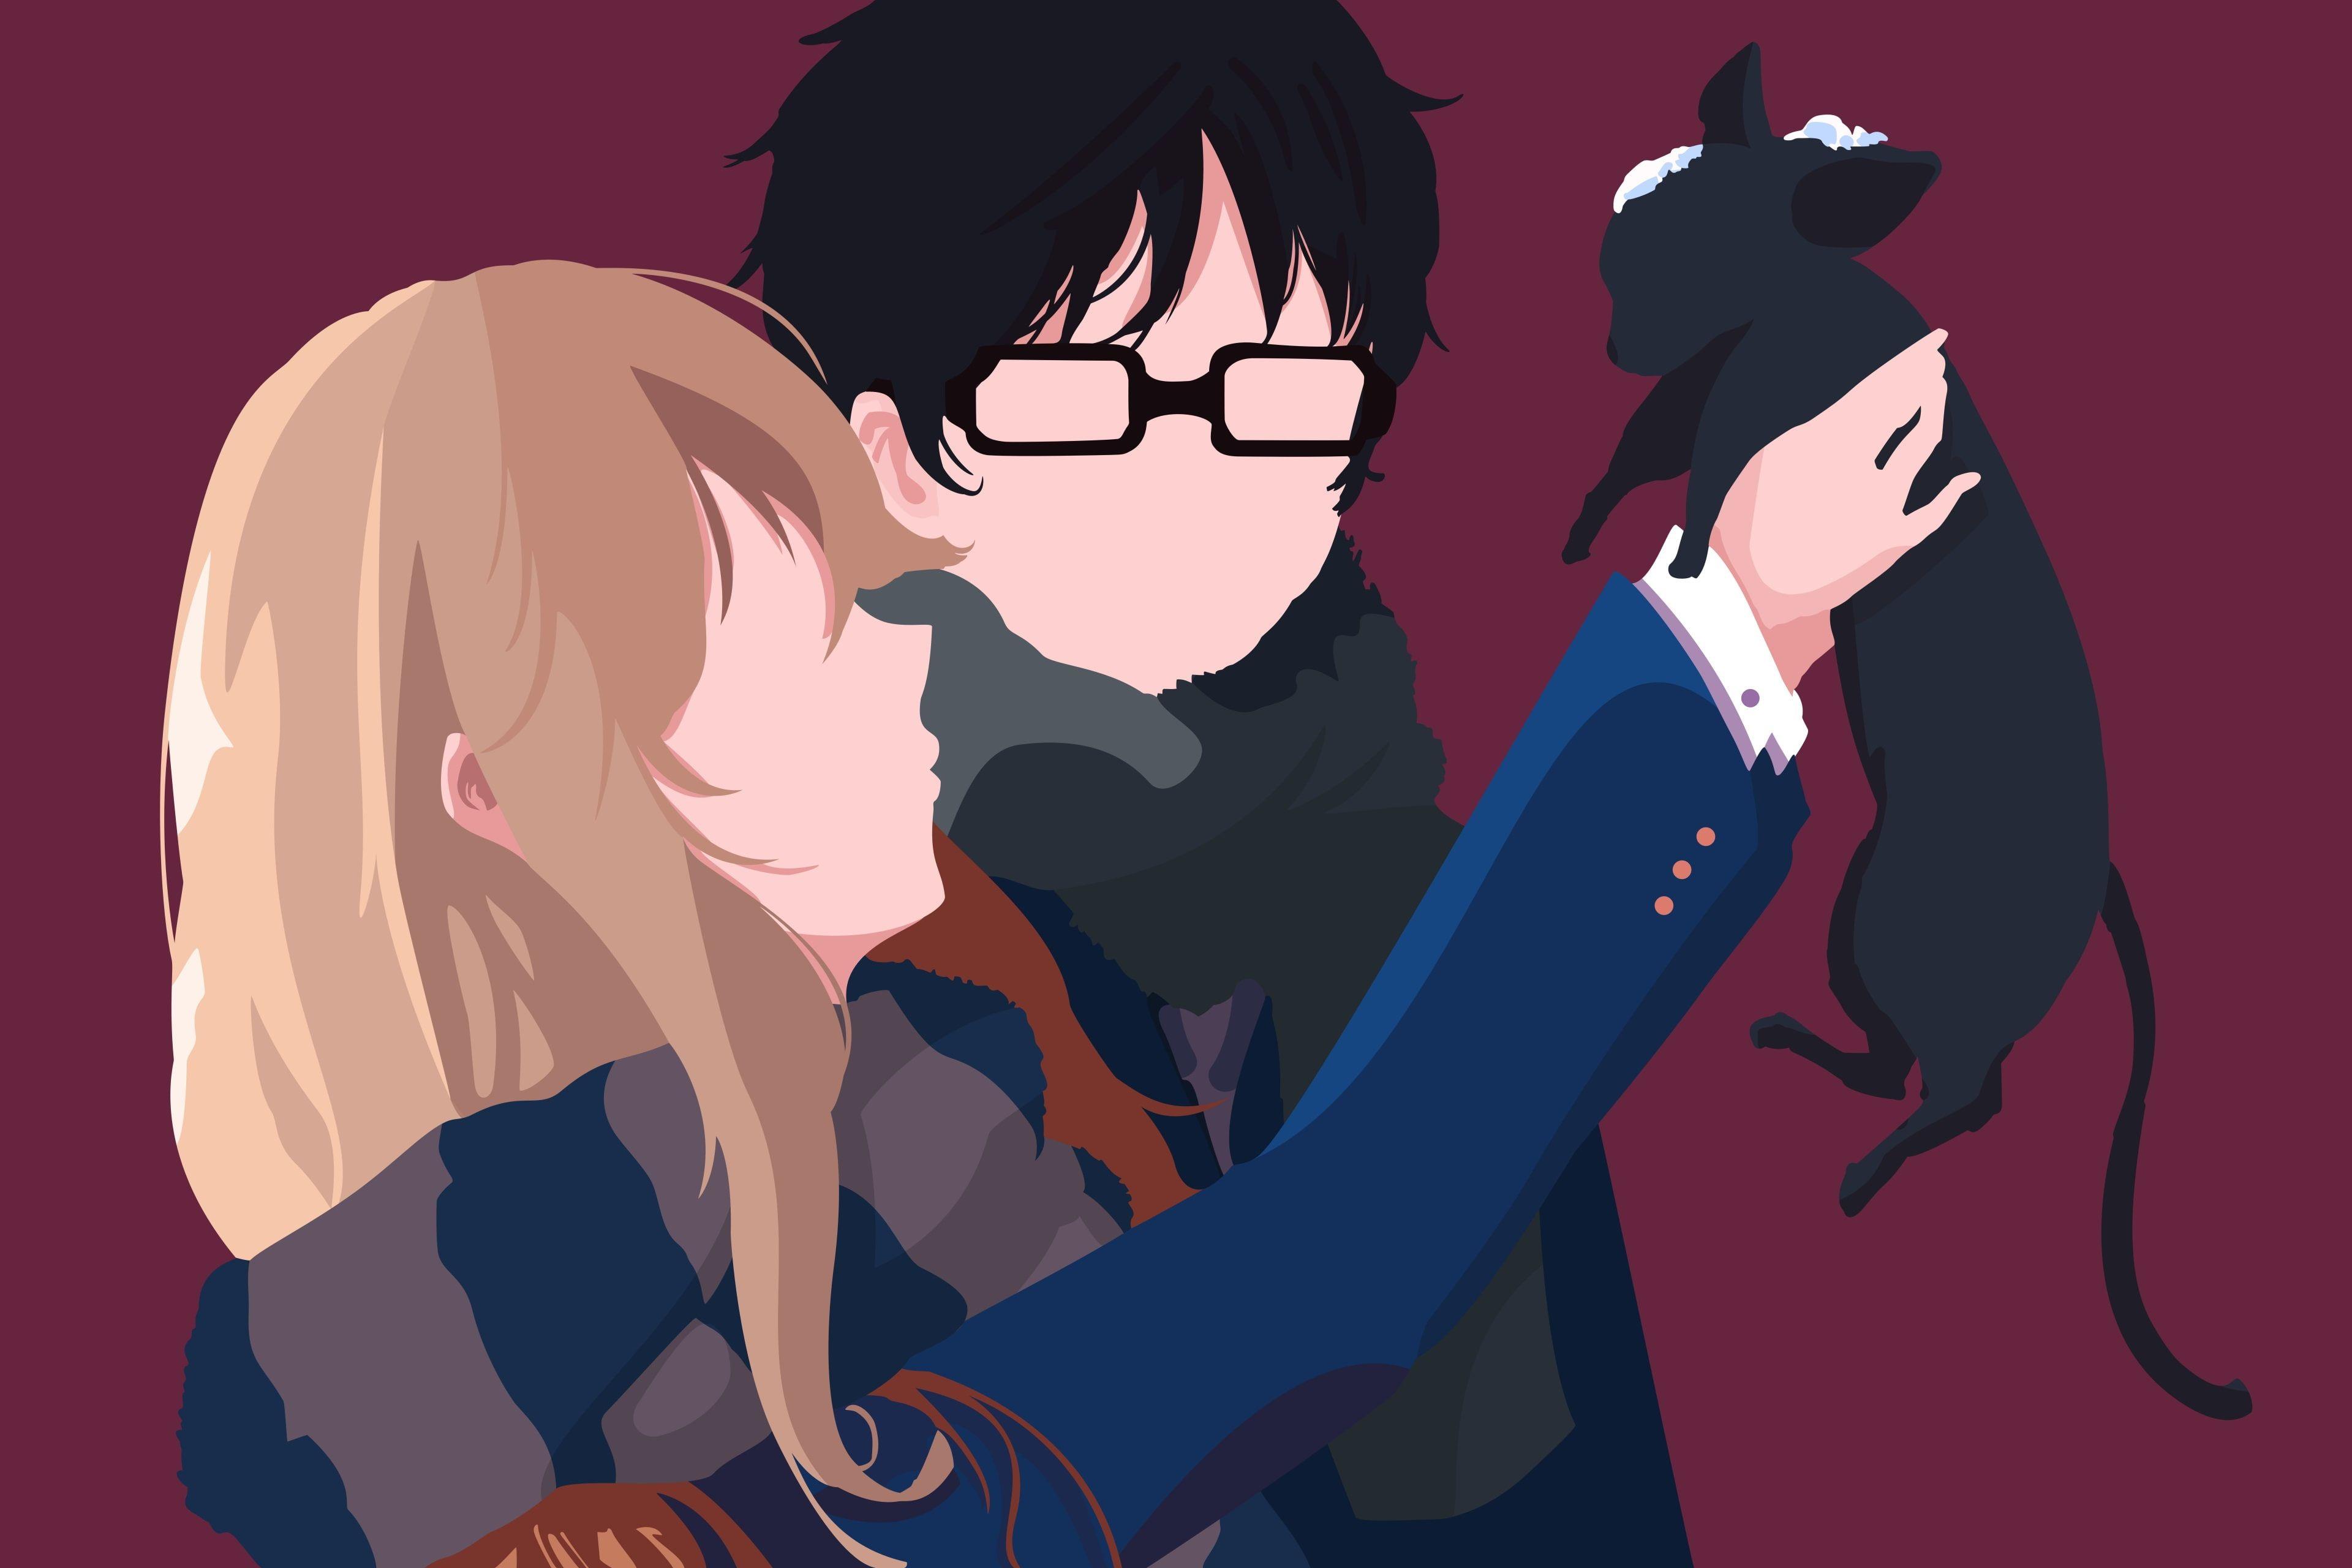 Pin On Anime Arts Animes